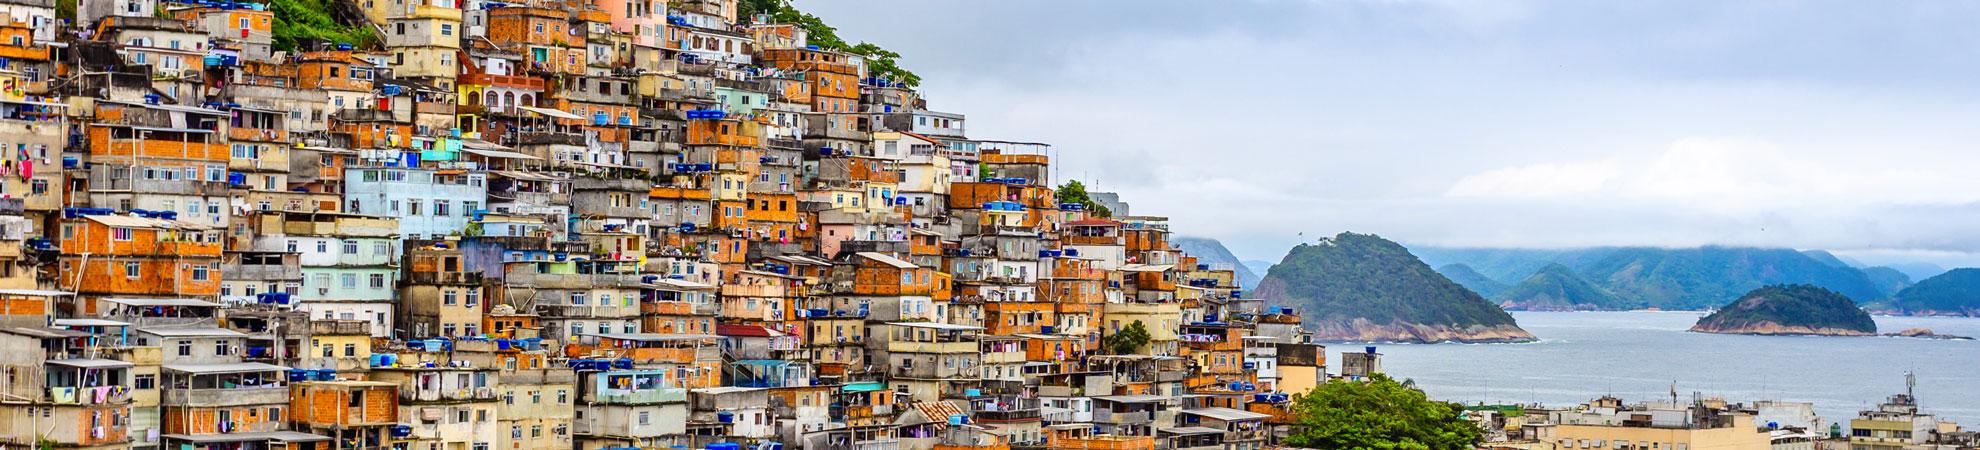 Villes du Brésil